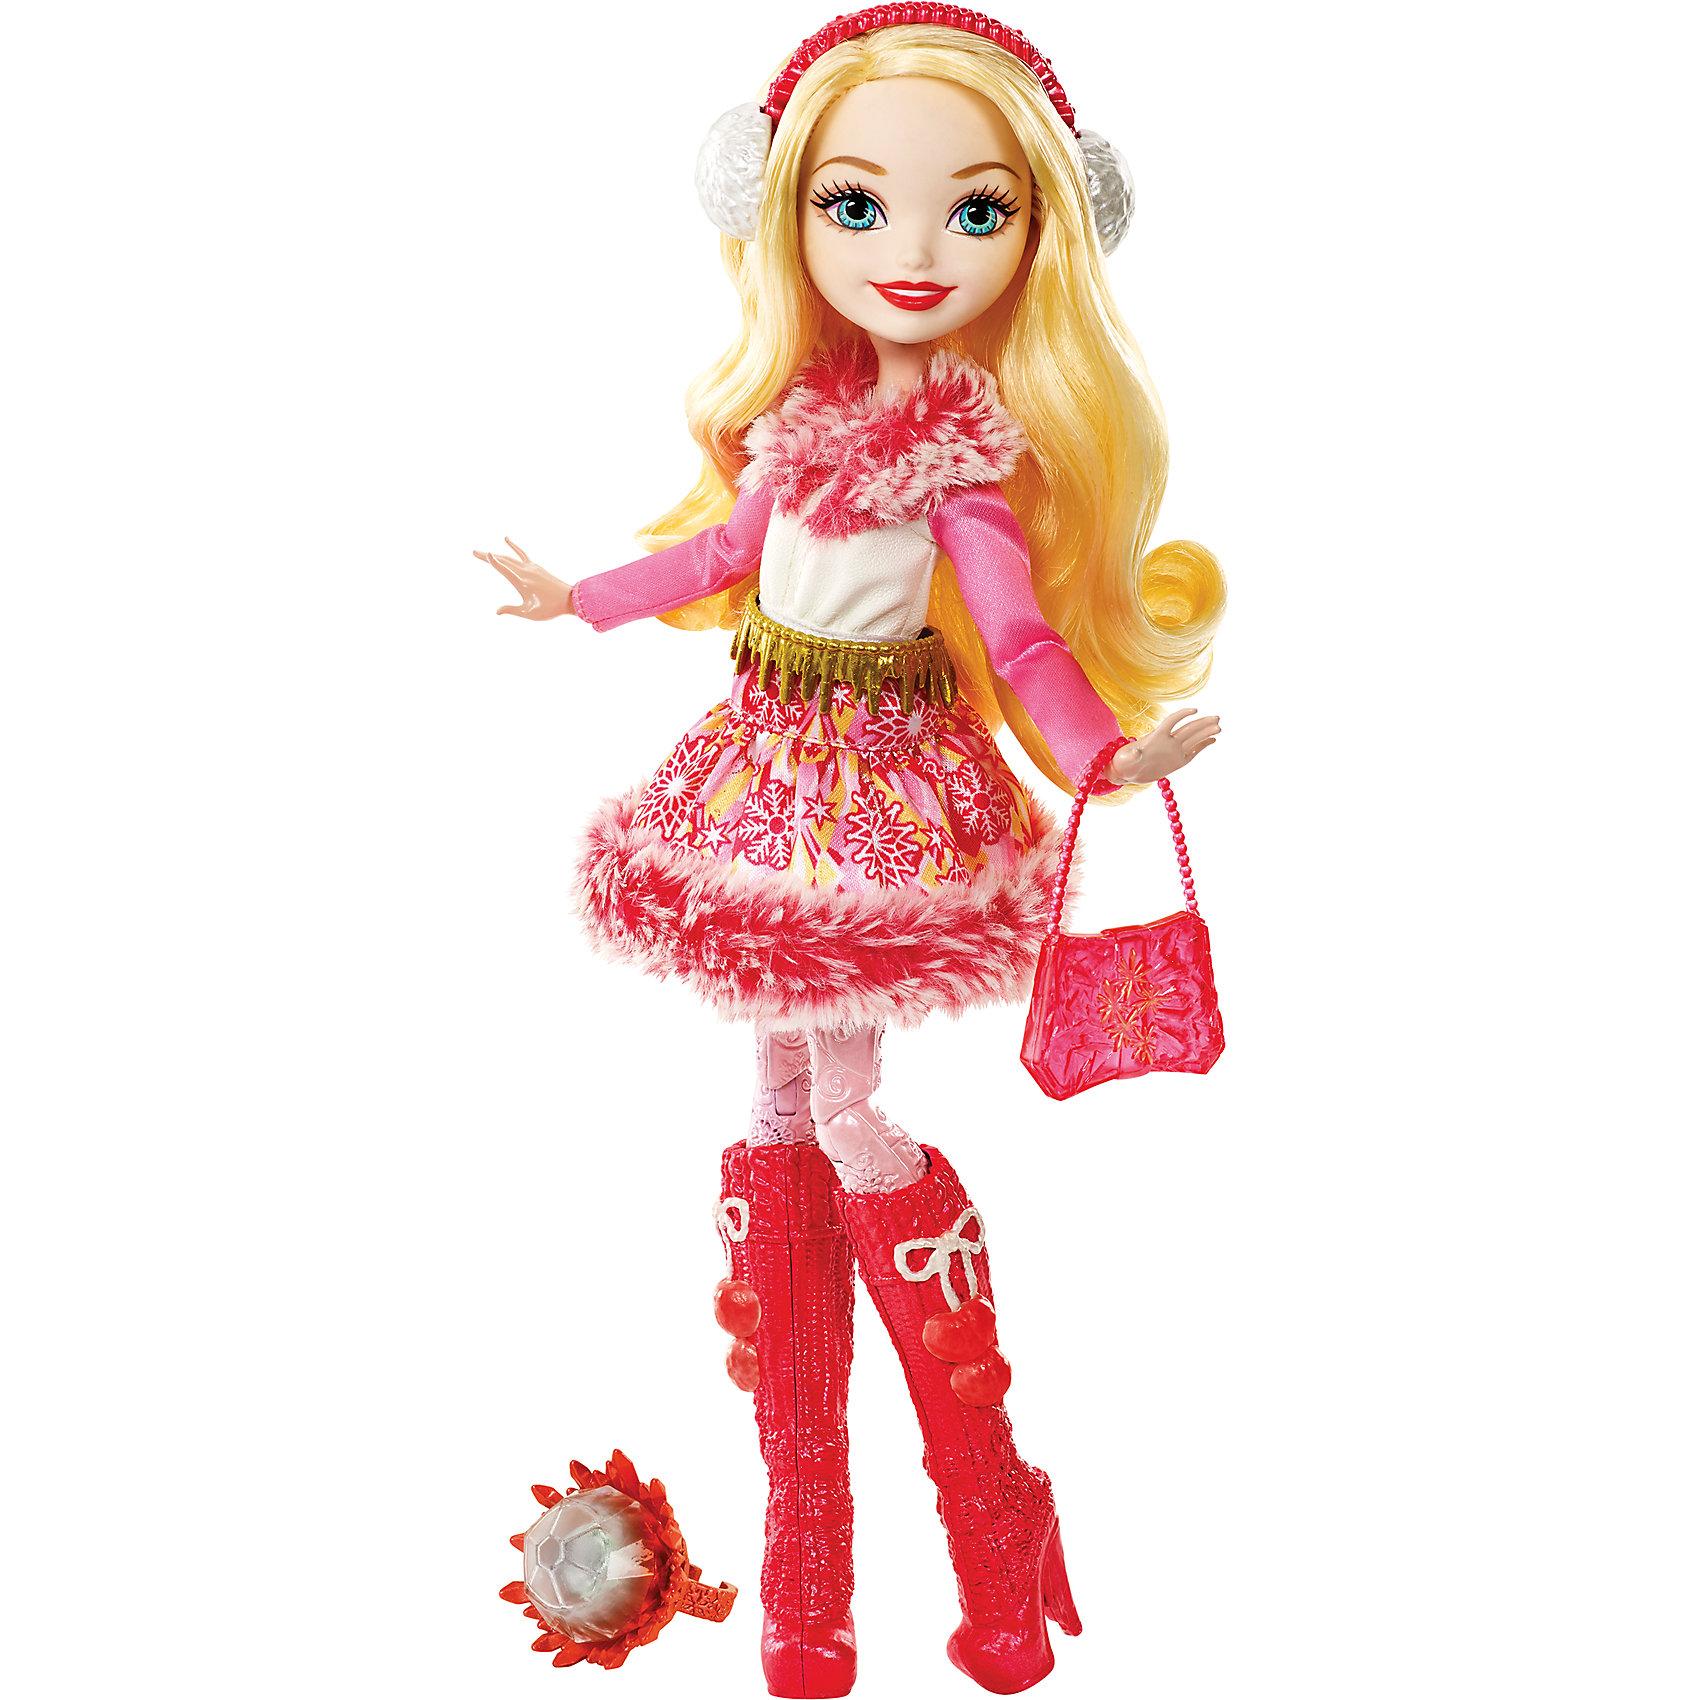 Mattel Кукла Эппл Уайт из коллекции Заколдованная зима, Ever After High mattel набор блестящий вихрь из серии заколдованная зима кукла кристал винтер ever after high